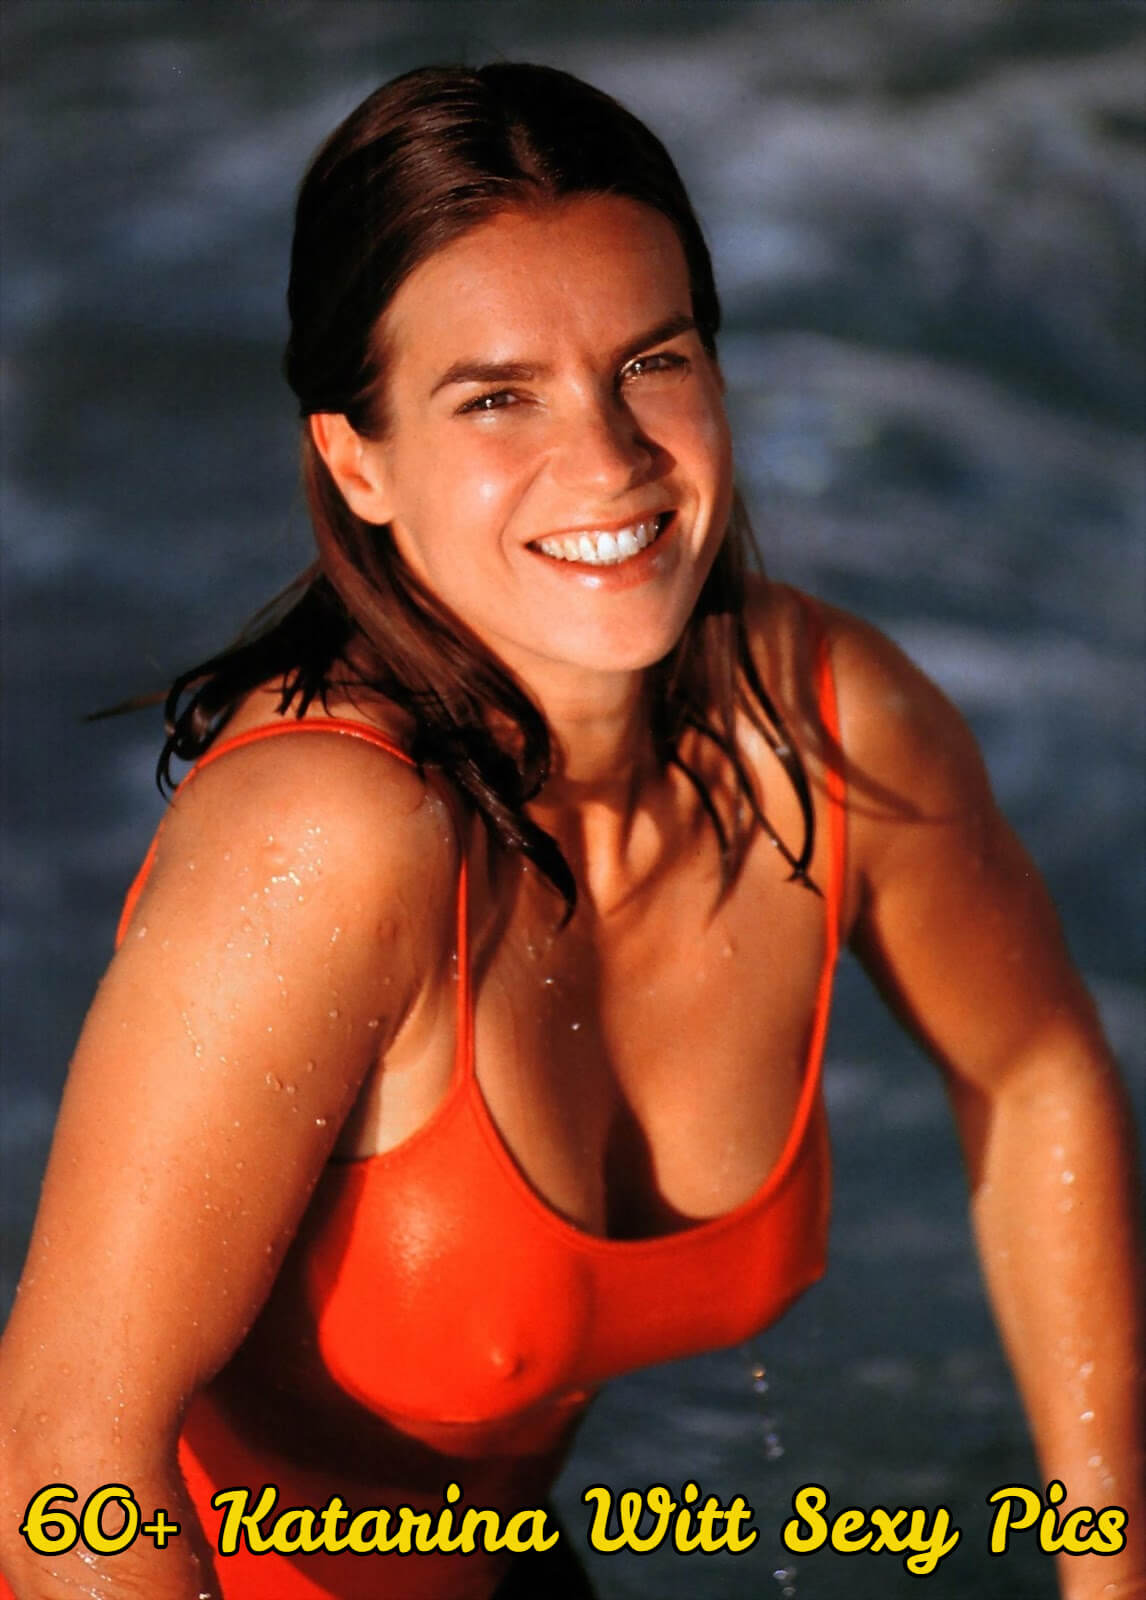 katarina witt swimsuit